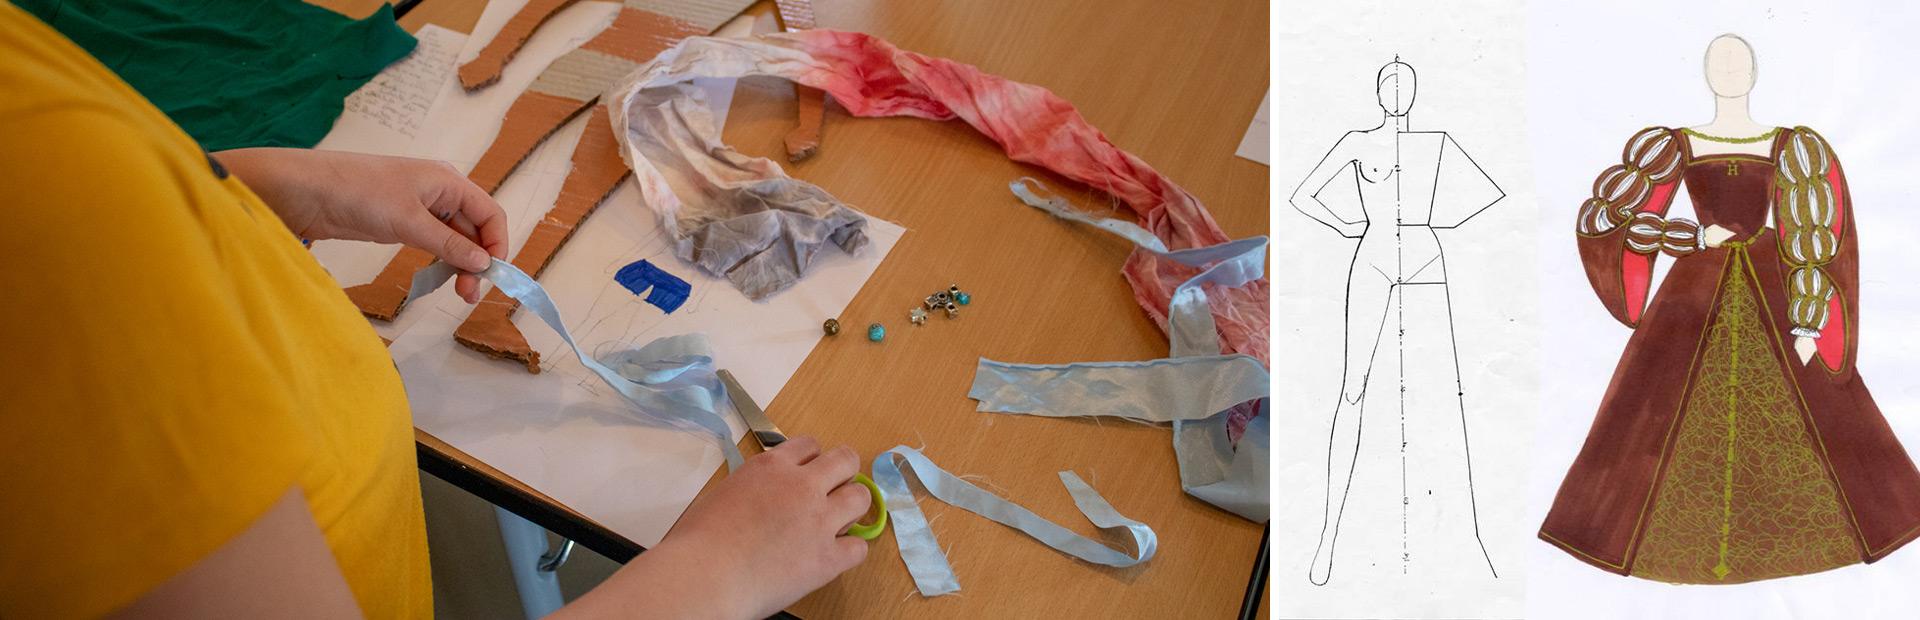 ateliers costumes